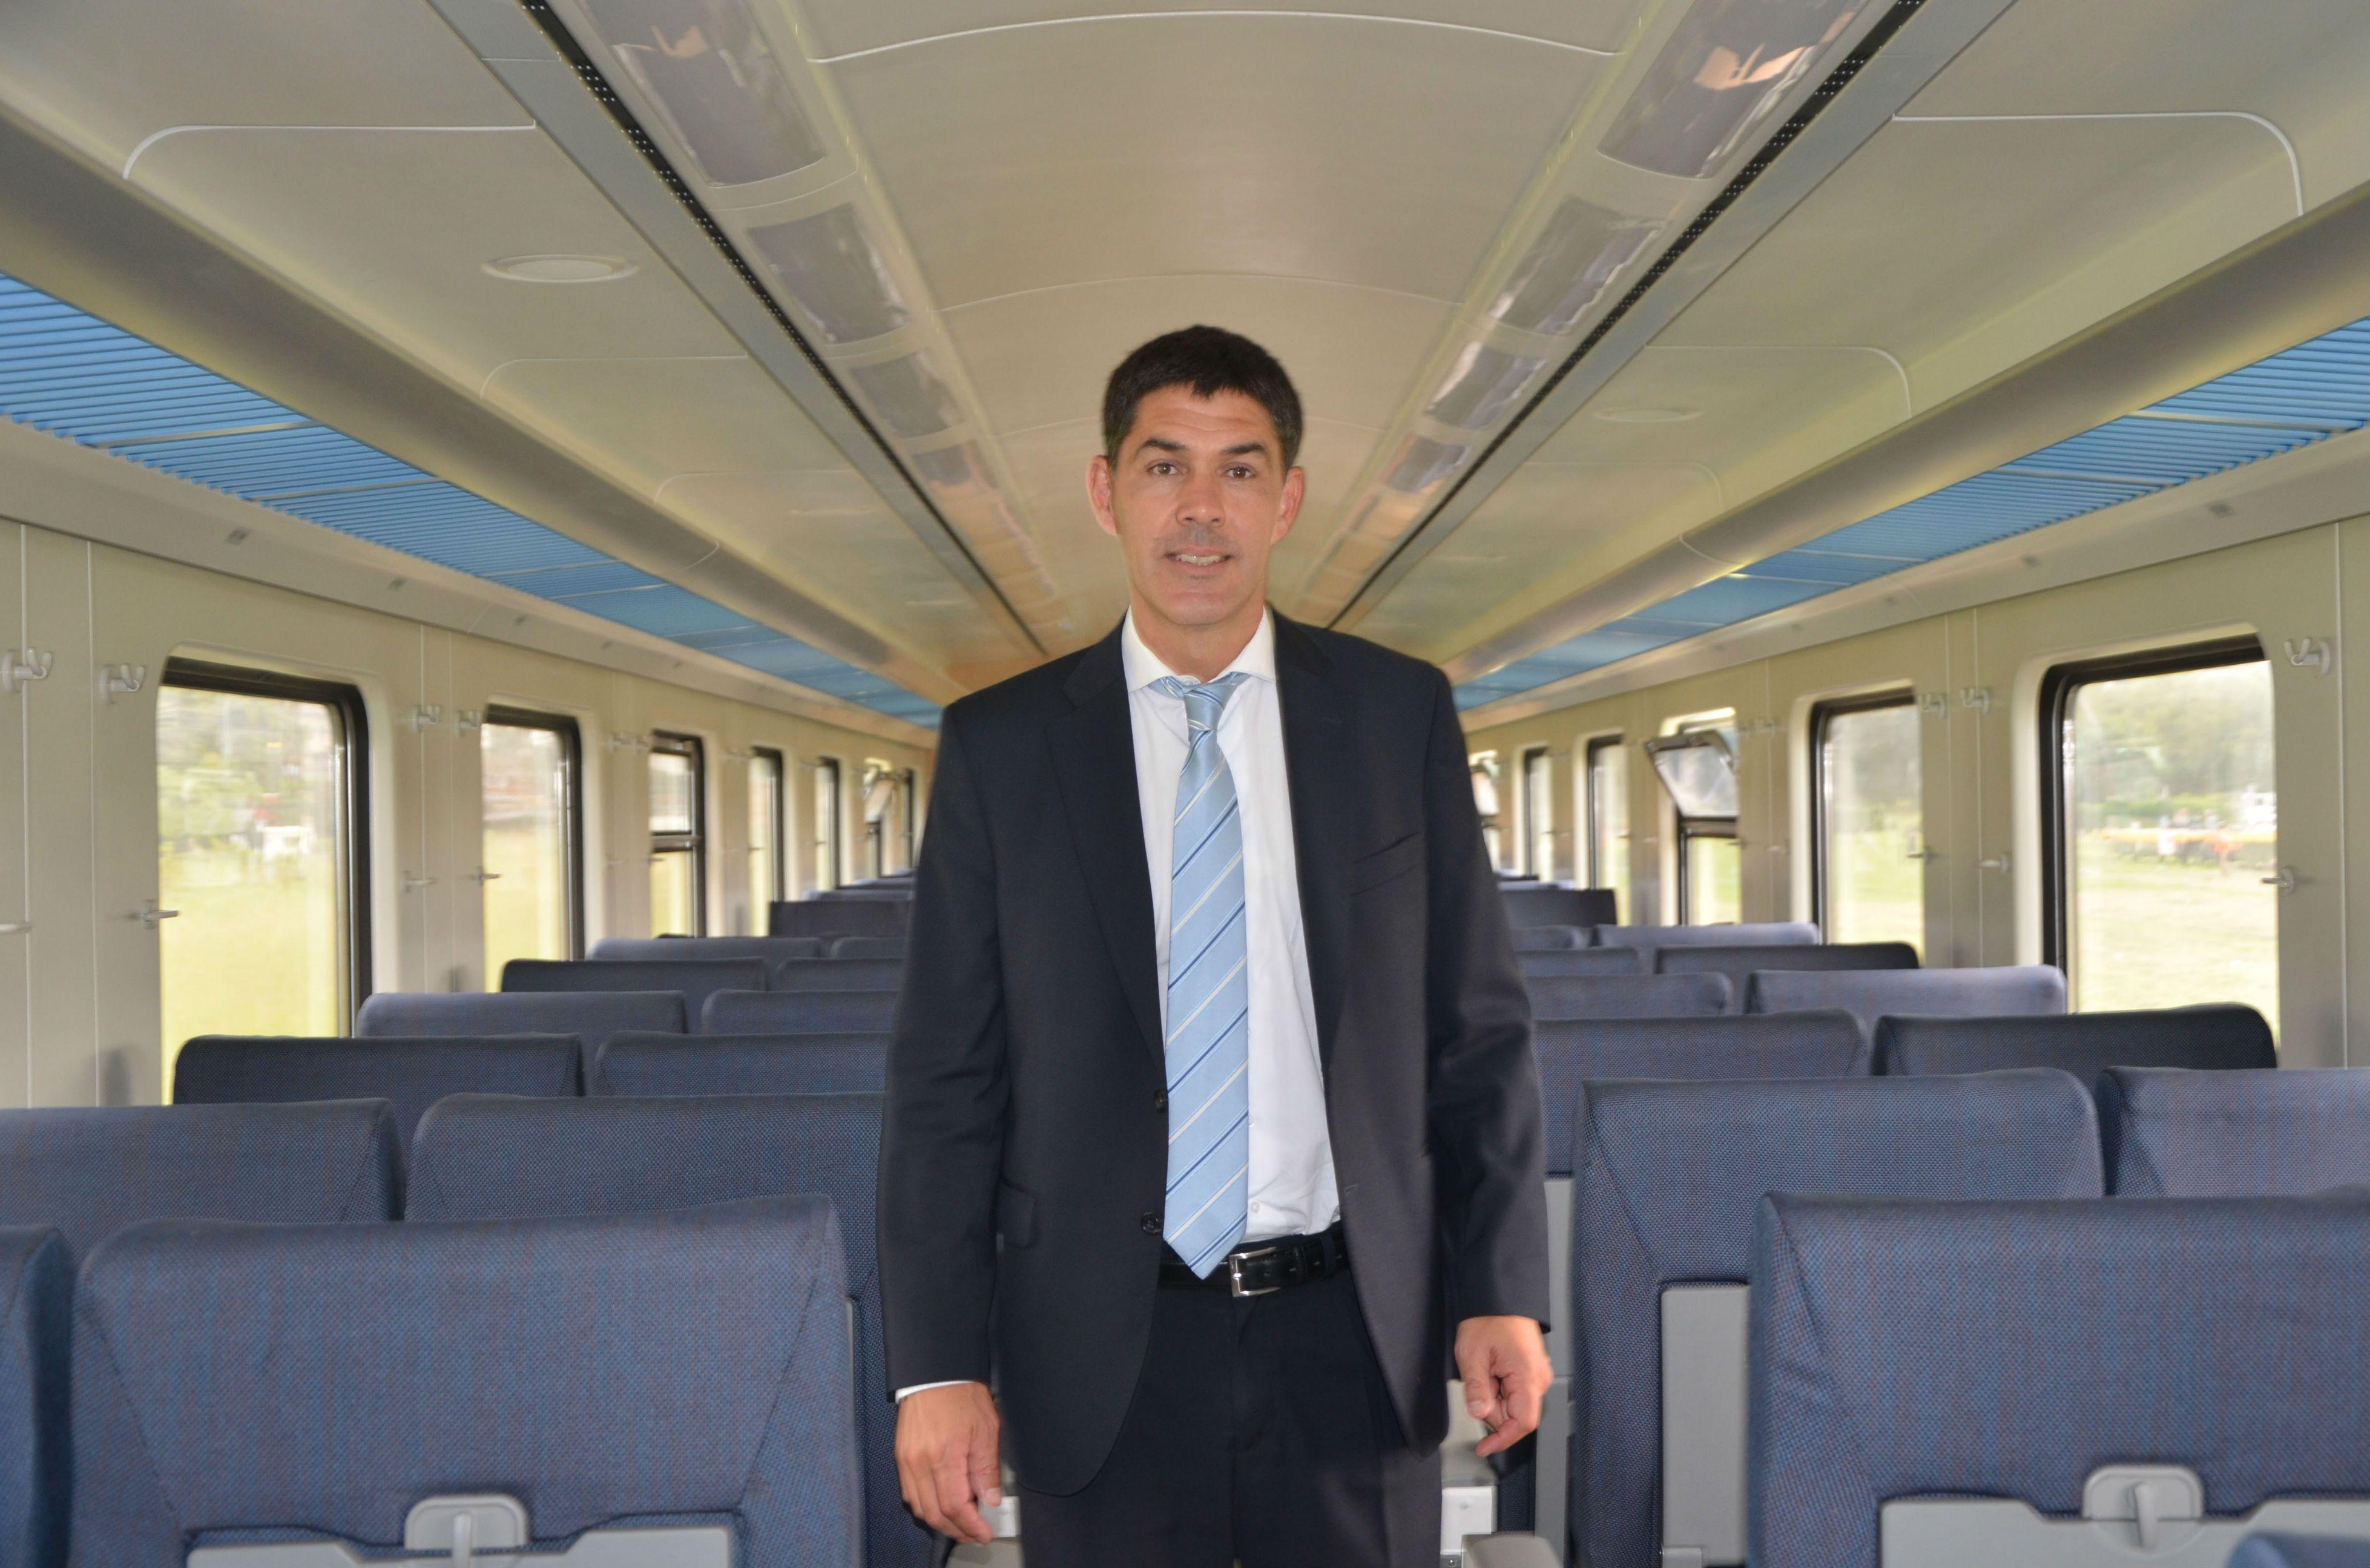 El secretario de Transporte de la Nación habló de las obras que planifican junto al gobierno provincial y municipal.